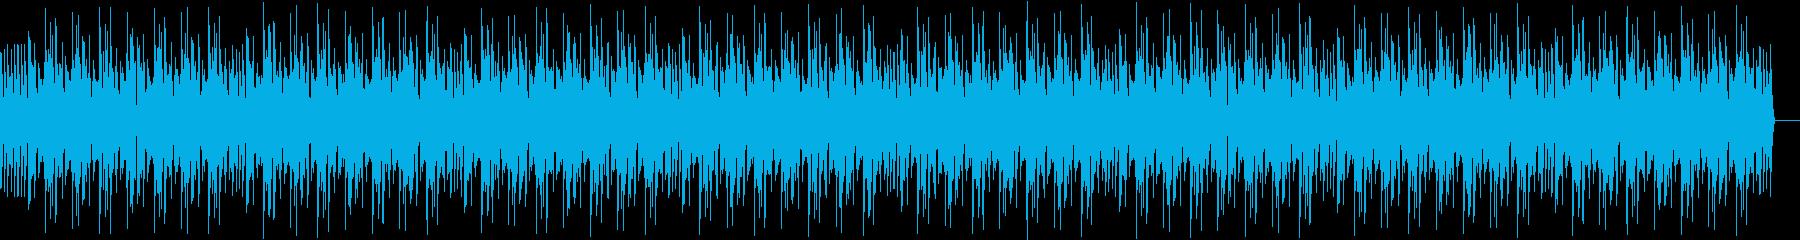 サイファービート6の再生済みの波形